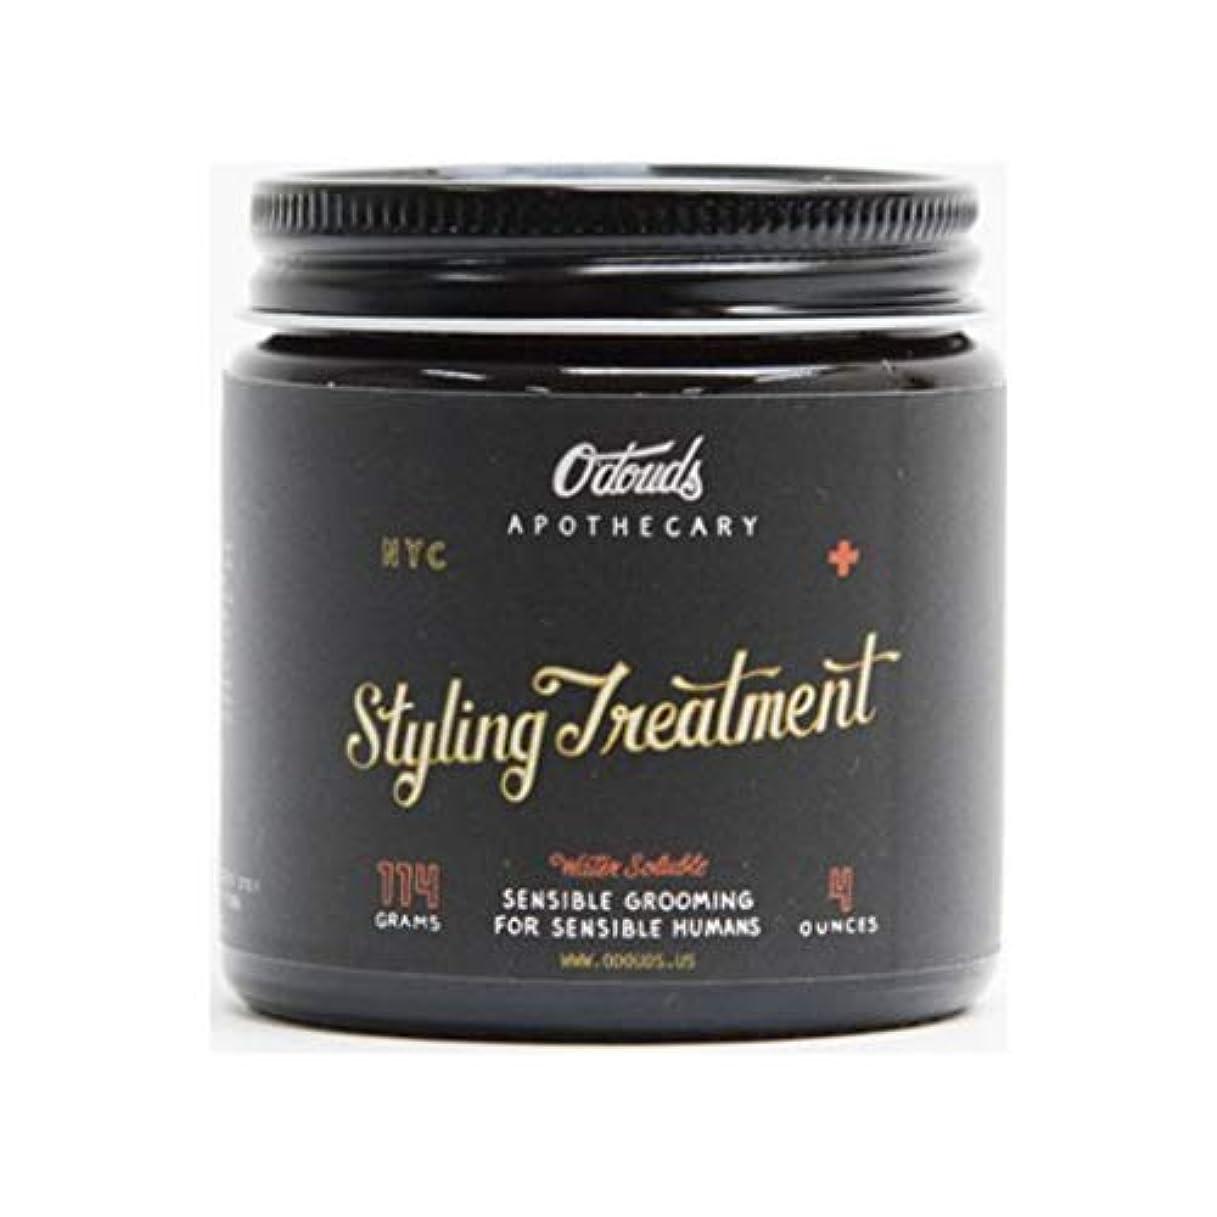 便利より呼吸O'Douds (オダウズ) スタイリングトリートメント STYLING TREATMENT メンズ 整髪料 水性 ポマード ヘアクリーム ヘアオイル ヘアグリース ヘアワックス ナチュラルシャイン ライトホールド ヴィーガン